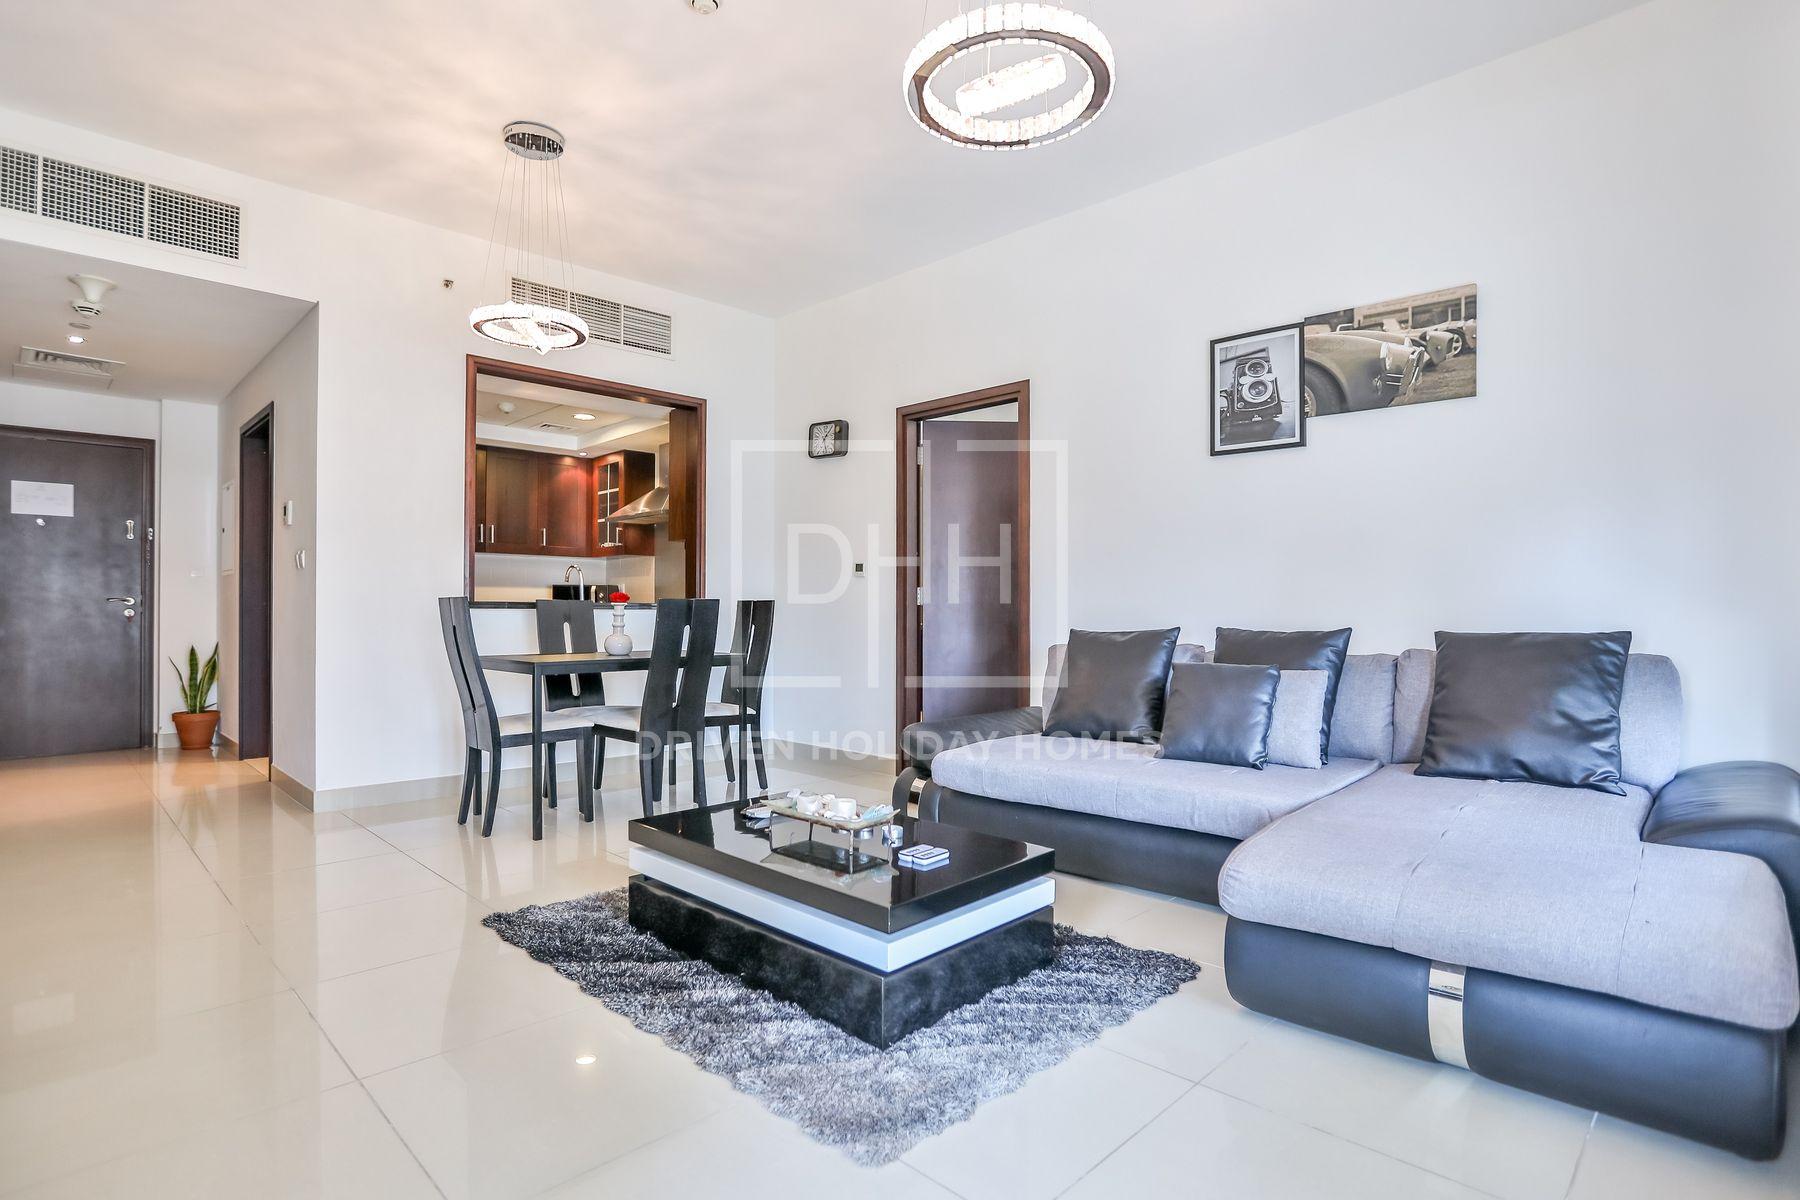 853 قدم مربع  شقة - للايجار - دبي وسط المدينة